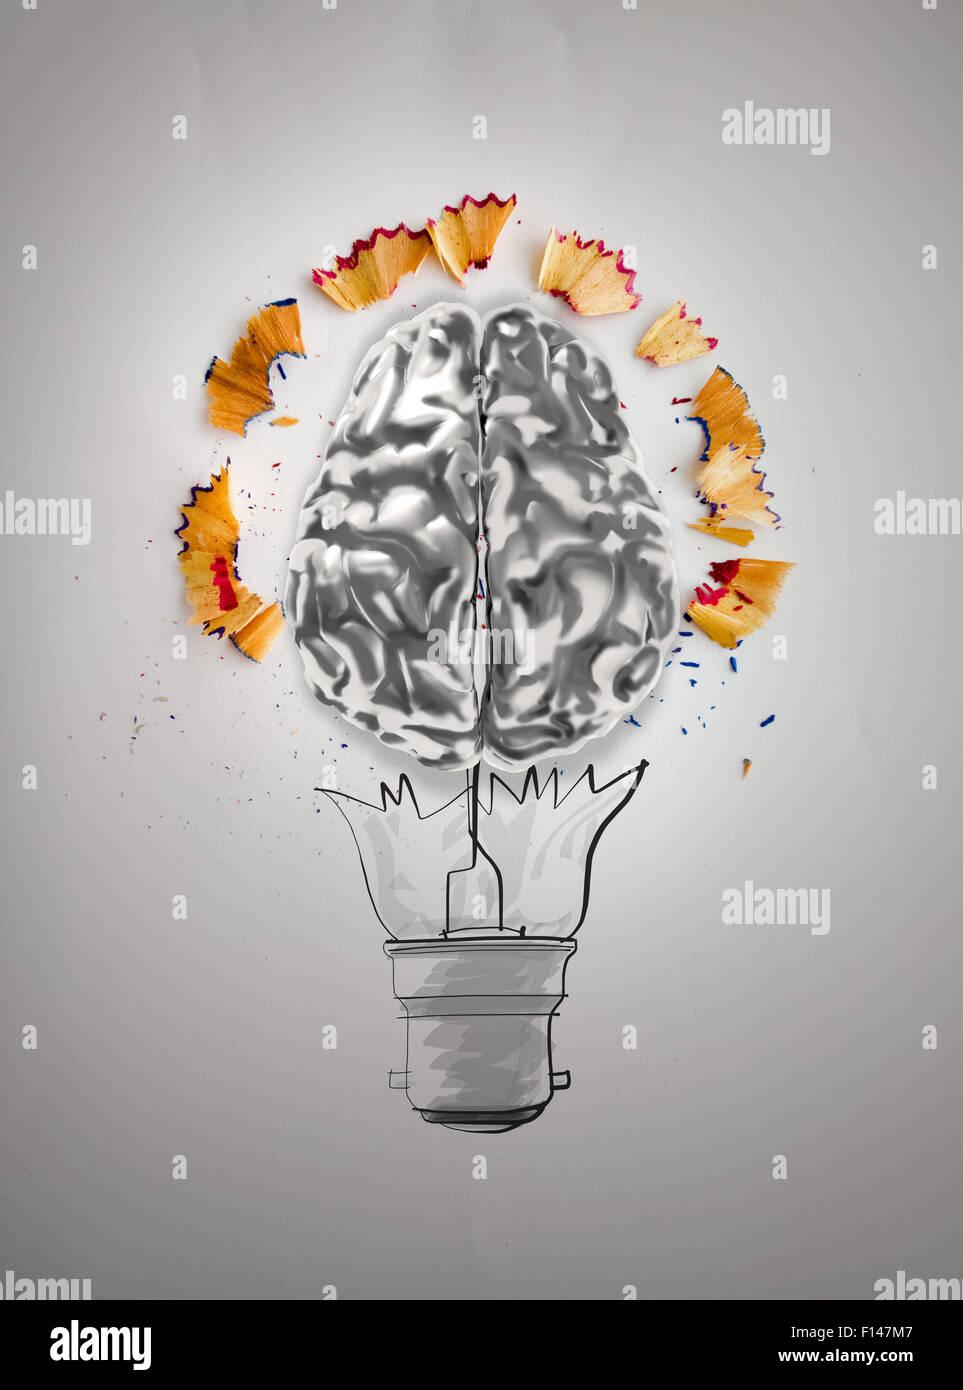 Hand Gezeichnet Glühbirne Mit Bleistift Sah Staub Und Gehirn